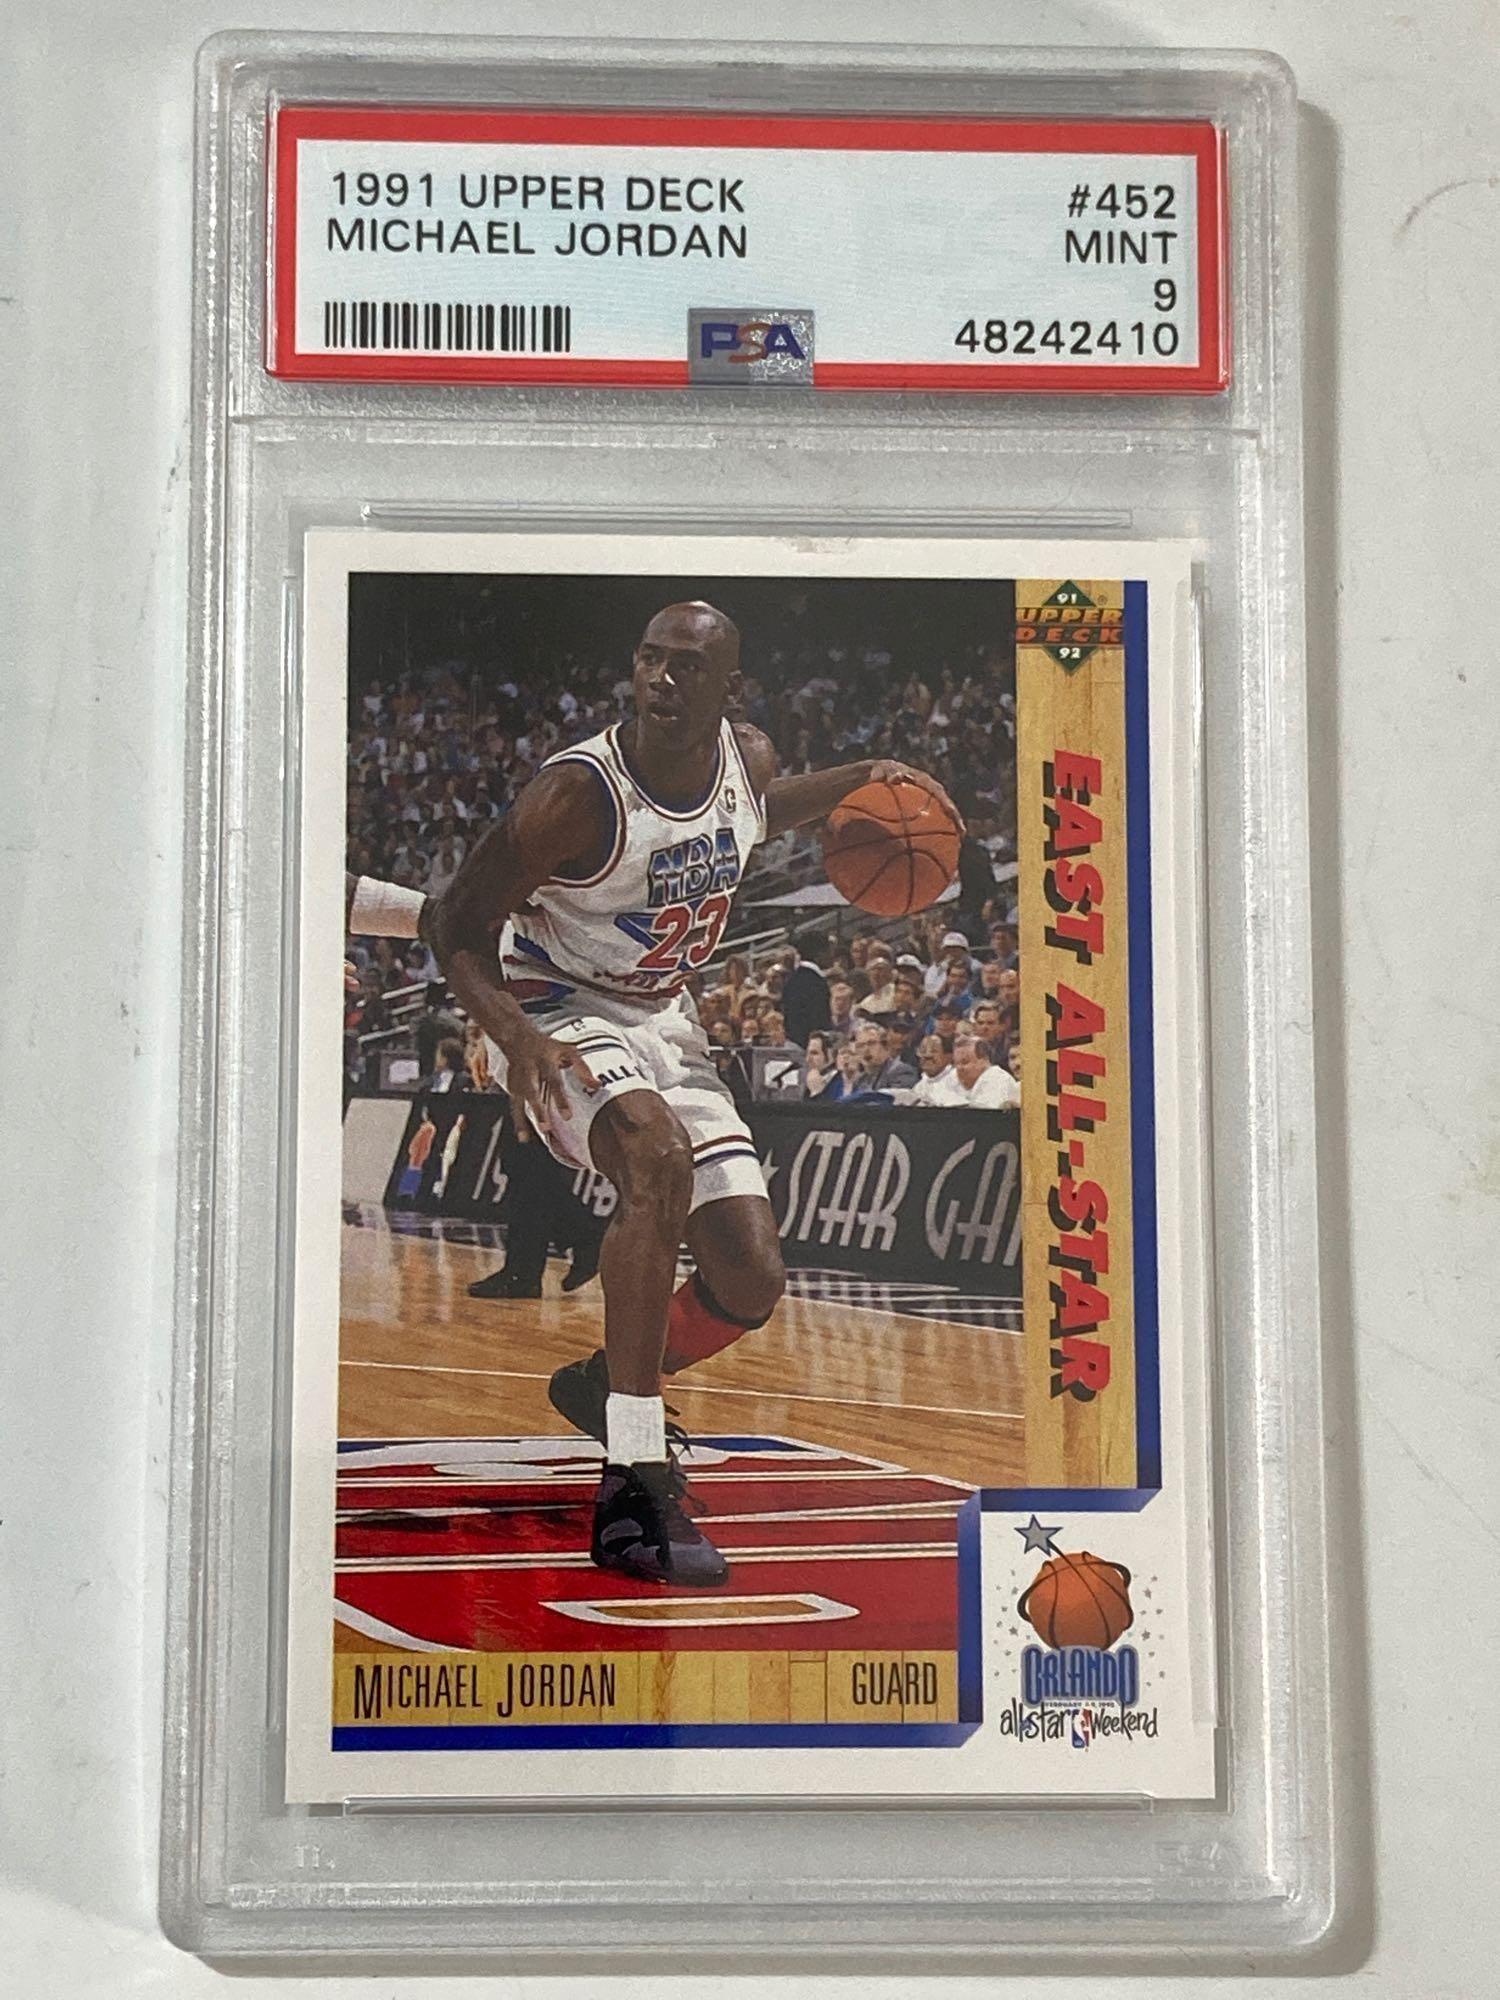 1991 Upper Deck #452 Michael Jordan PSA 9